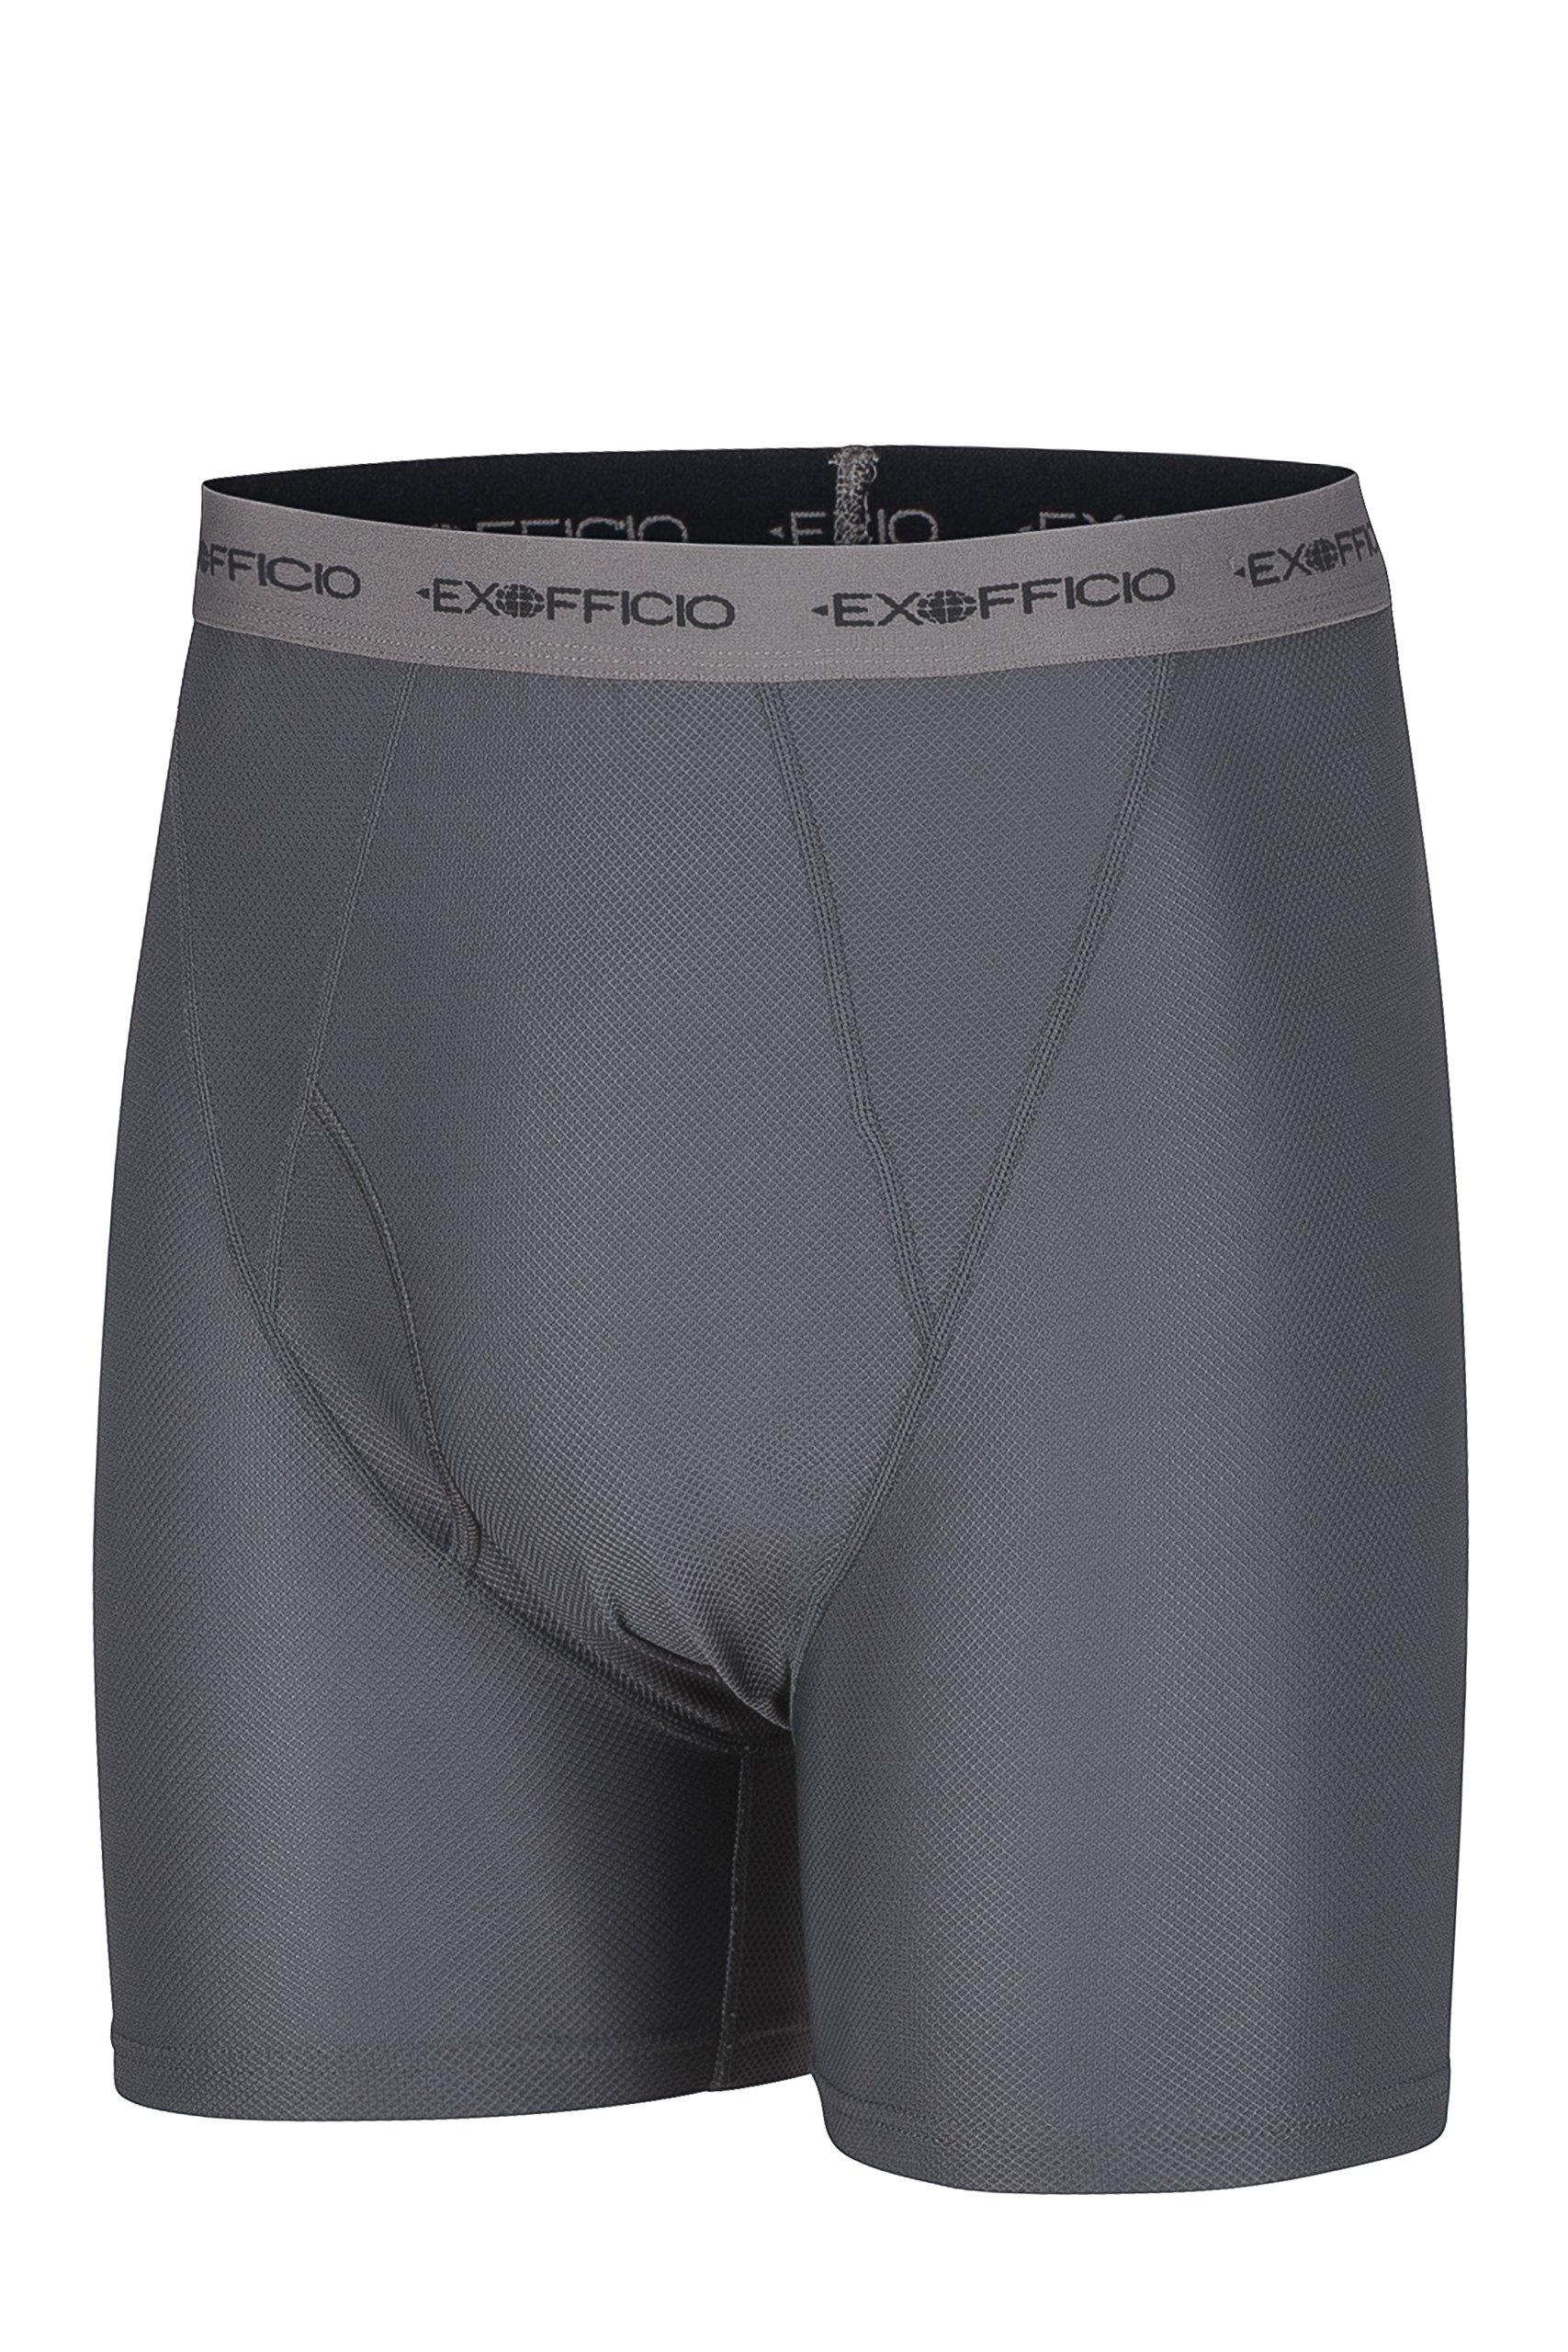 ExOfficio Men's Give-N-Go Boxer Brief,Granite/Grey,Medium